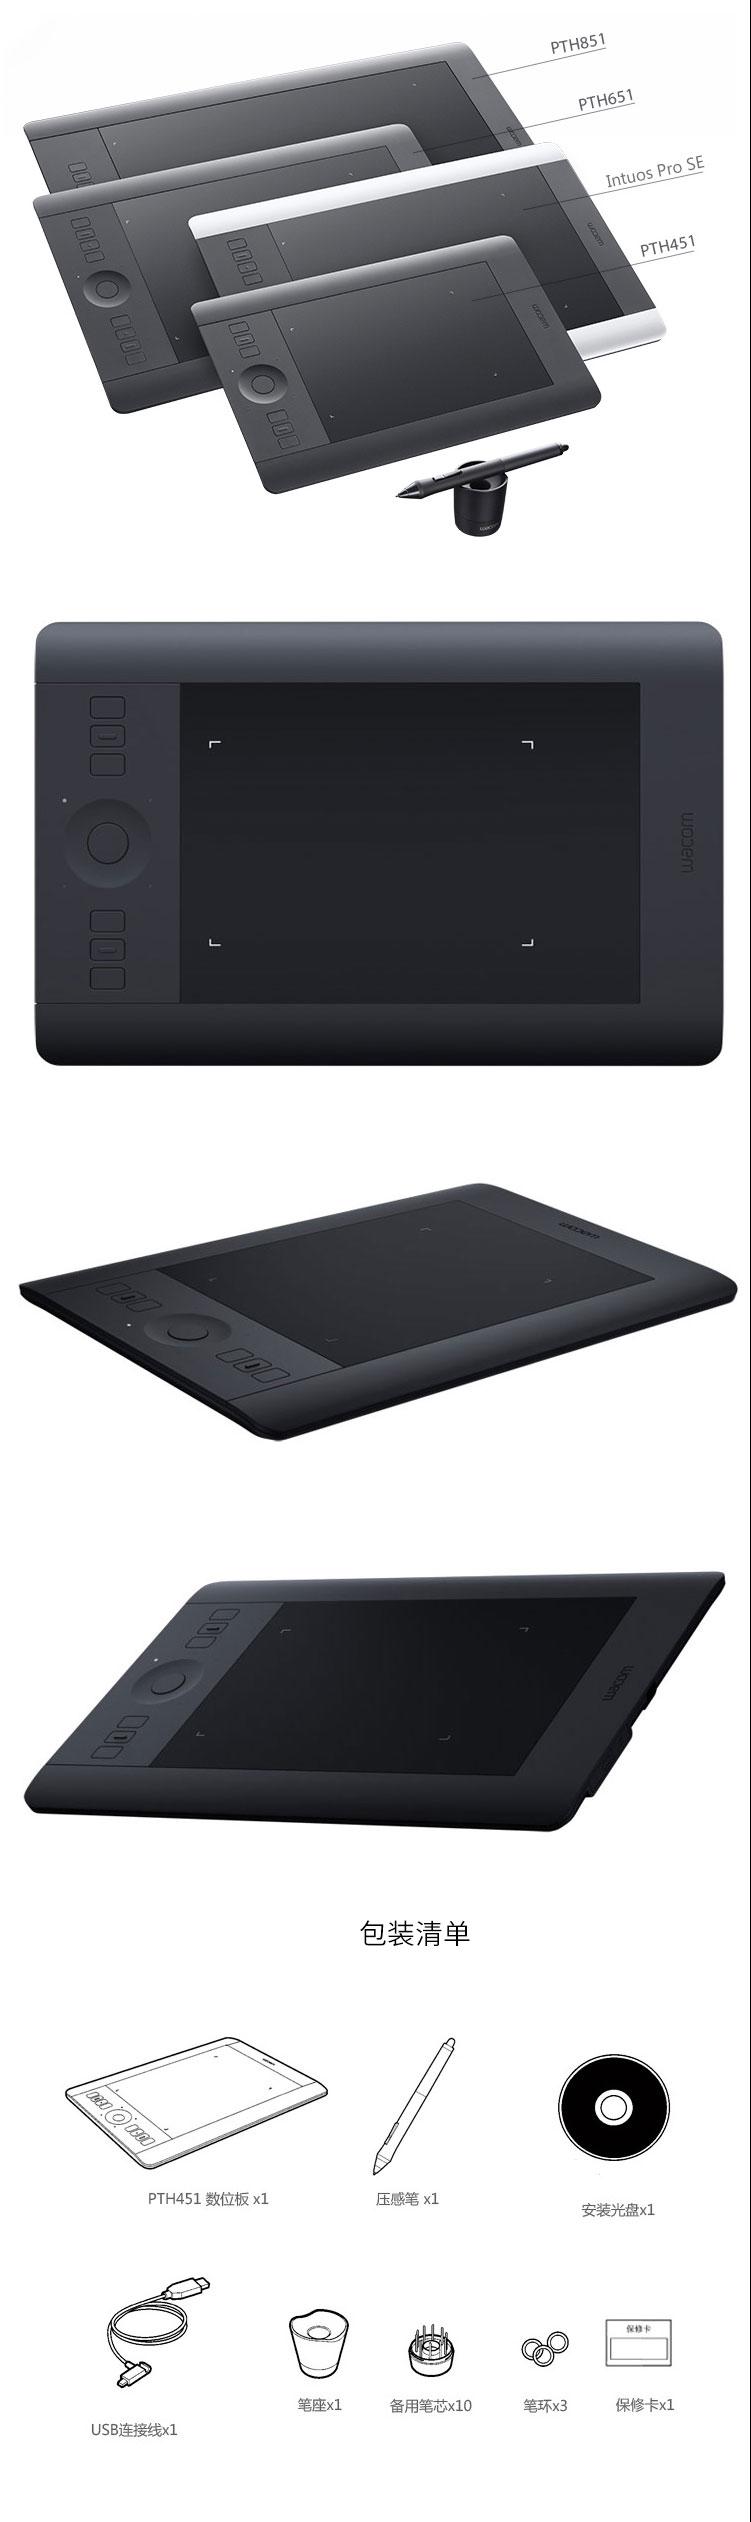 和冠(Wacom) PTH-451/K0-F Intuos Pro PTS 手写板、数位板-京东